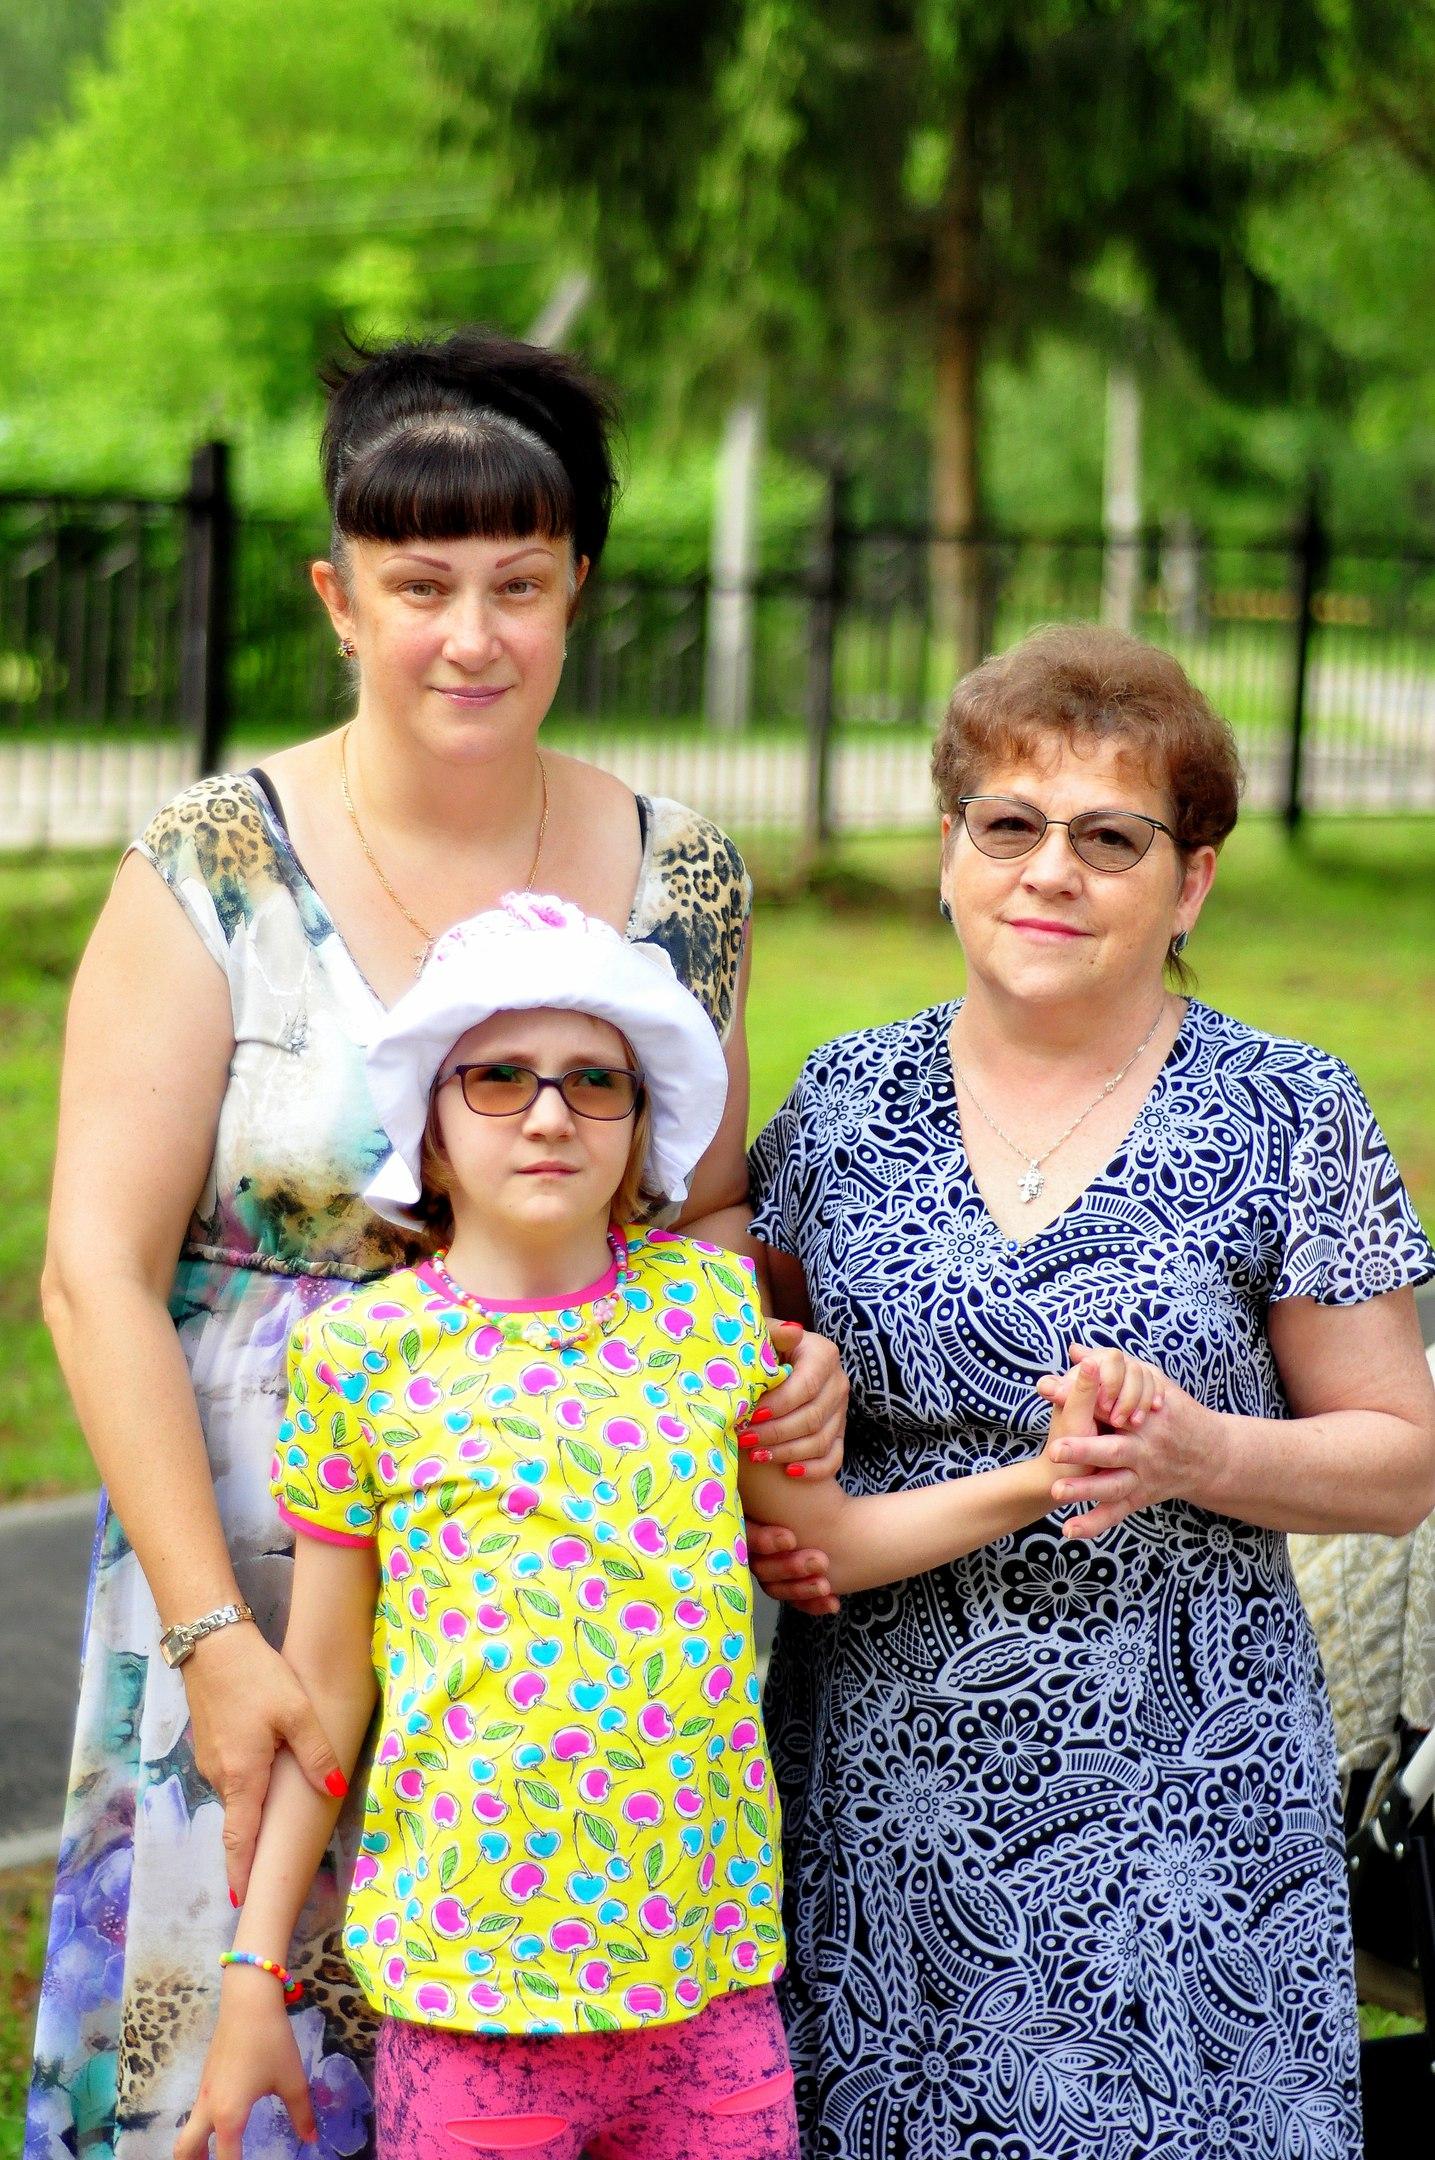 24.06.2016, вып. в Лесовичке, фото О. Сидяковой, 06